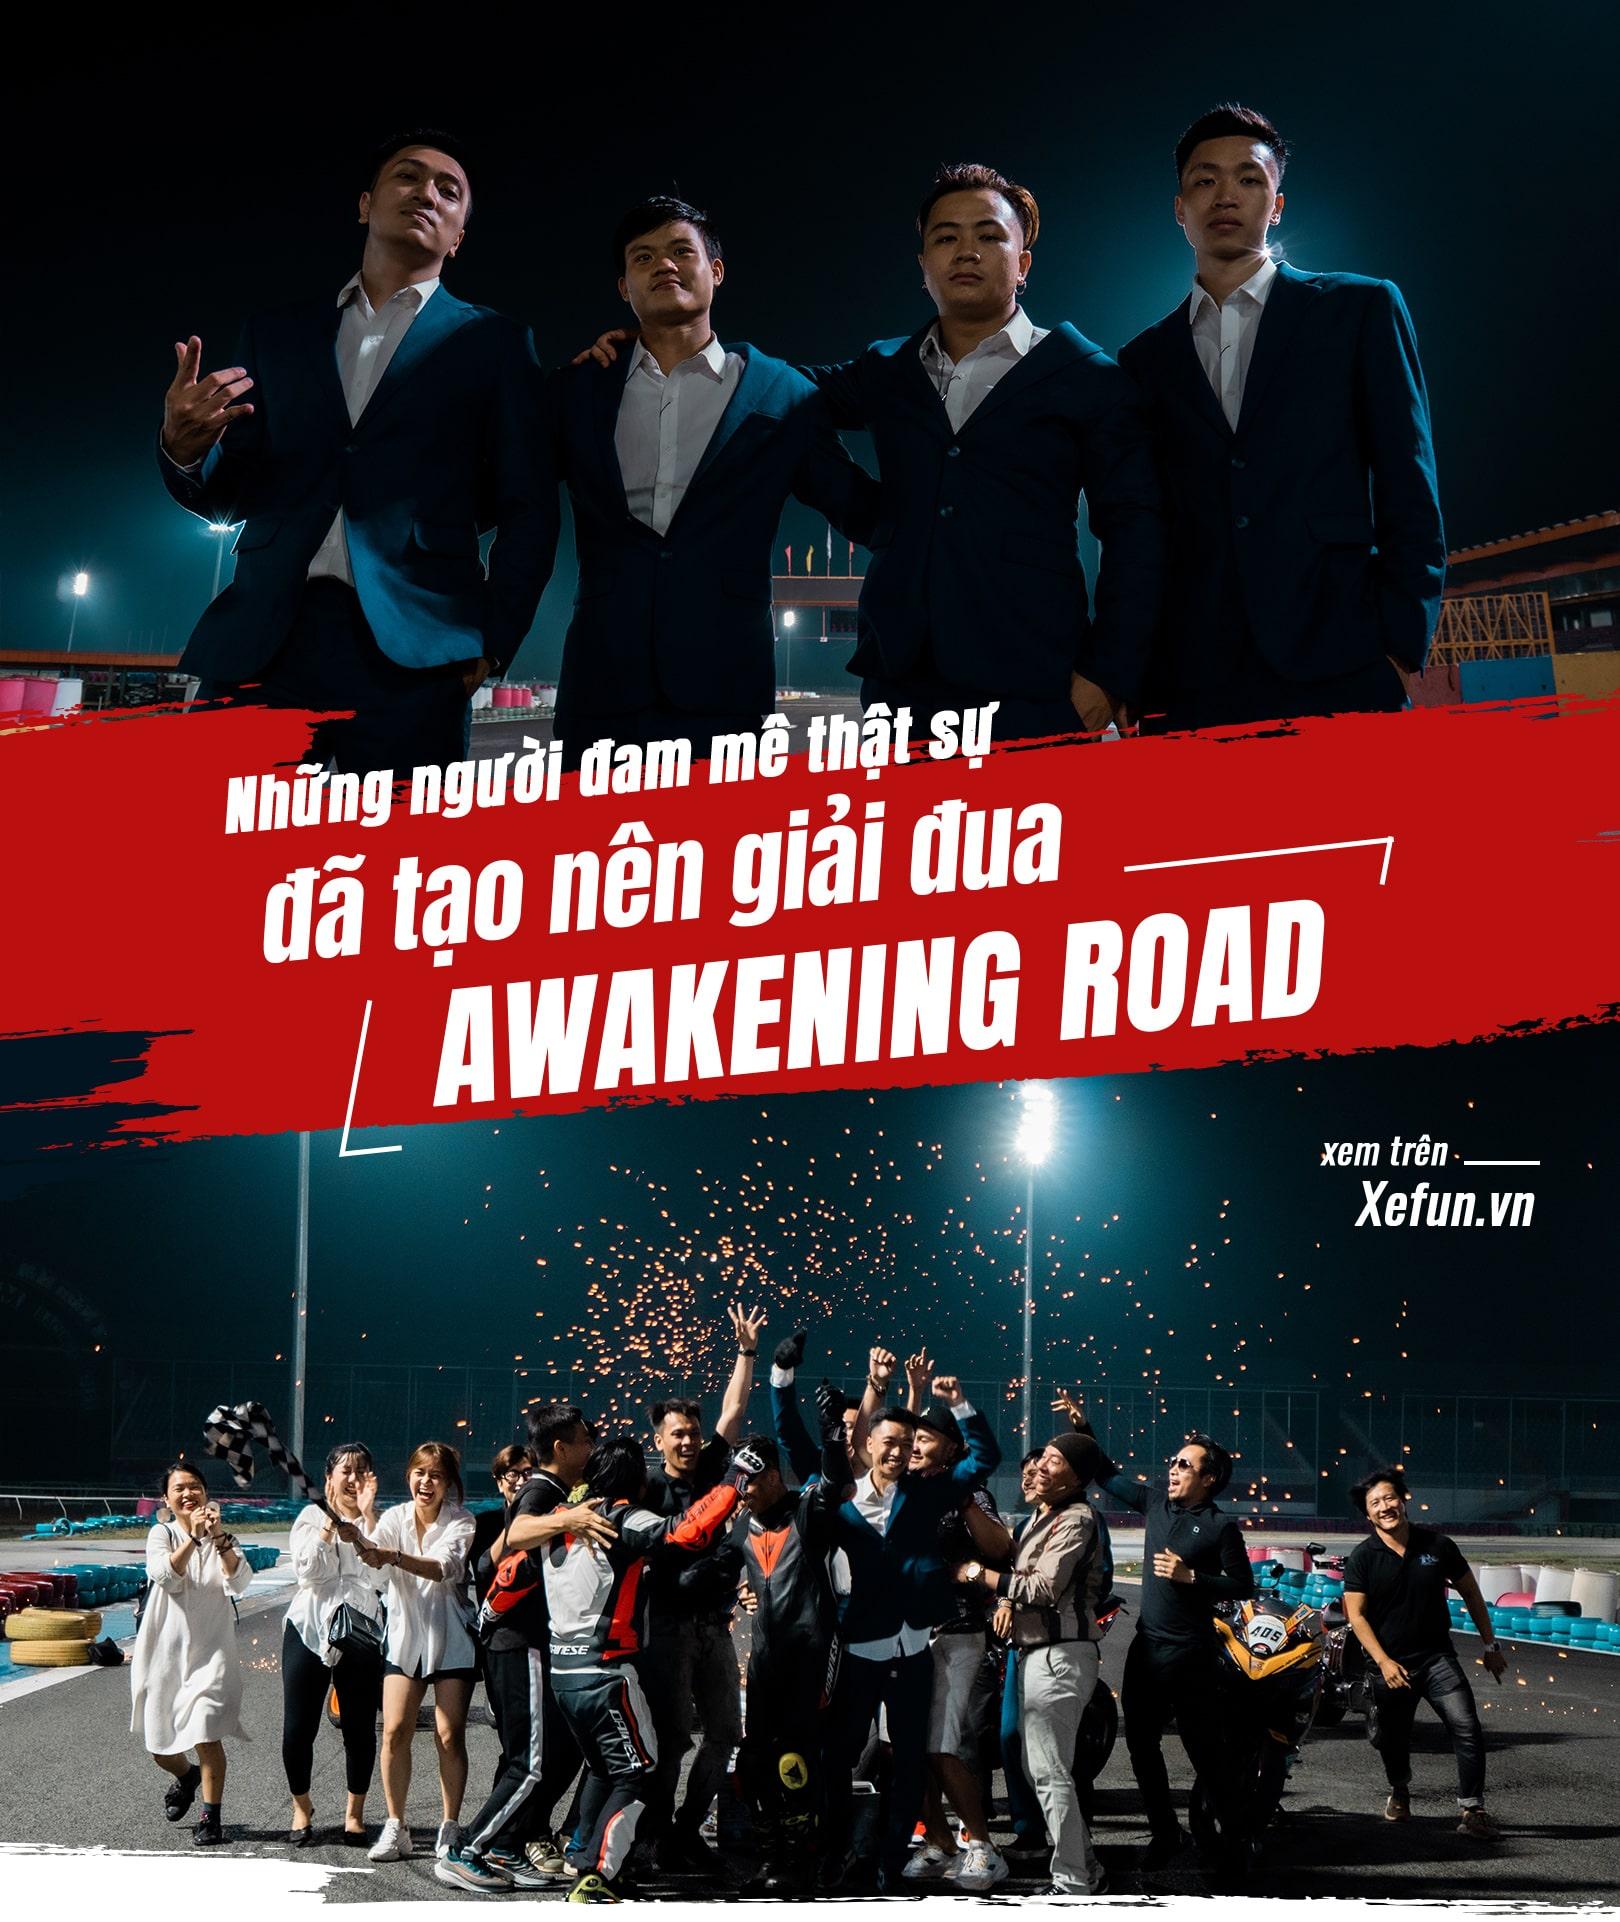 Hanoi Stunt Riders biểu diễn Trường đua Đại Nam giải đua Awakening road trên Xefun - 83445